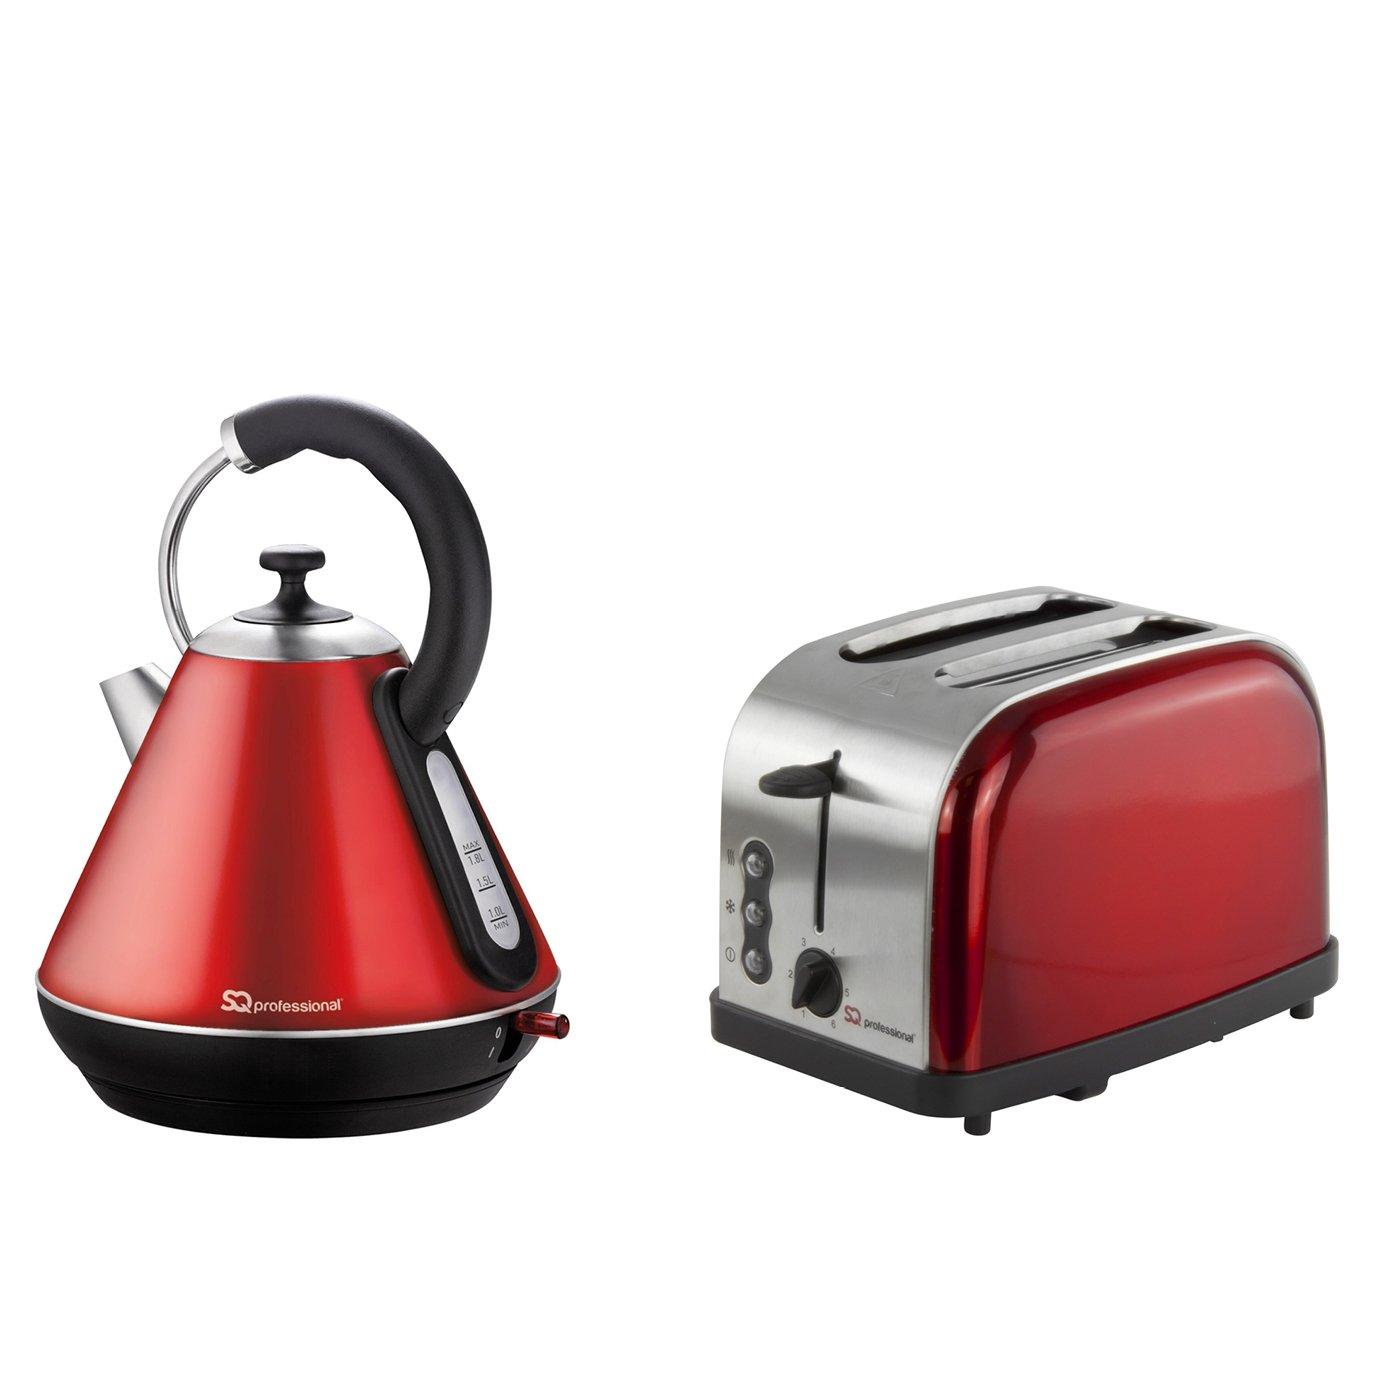 Set di bollitore elettrico e tostapane, acciaio inossidabile - Rosso SQ PRO Others